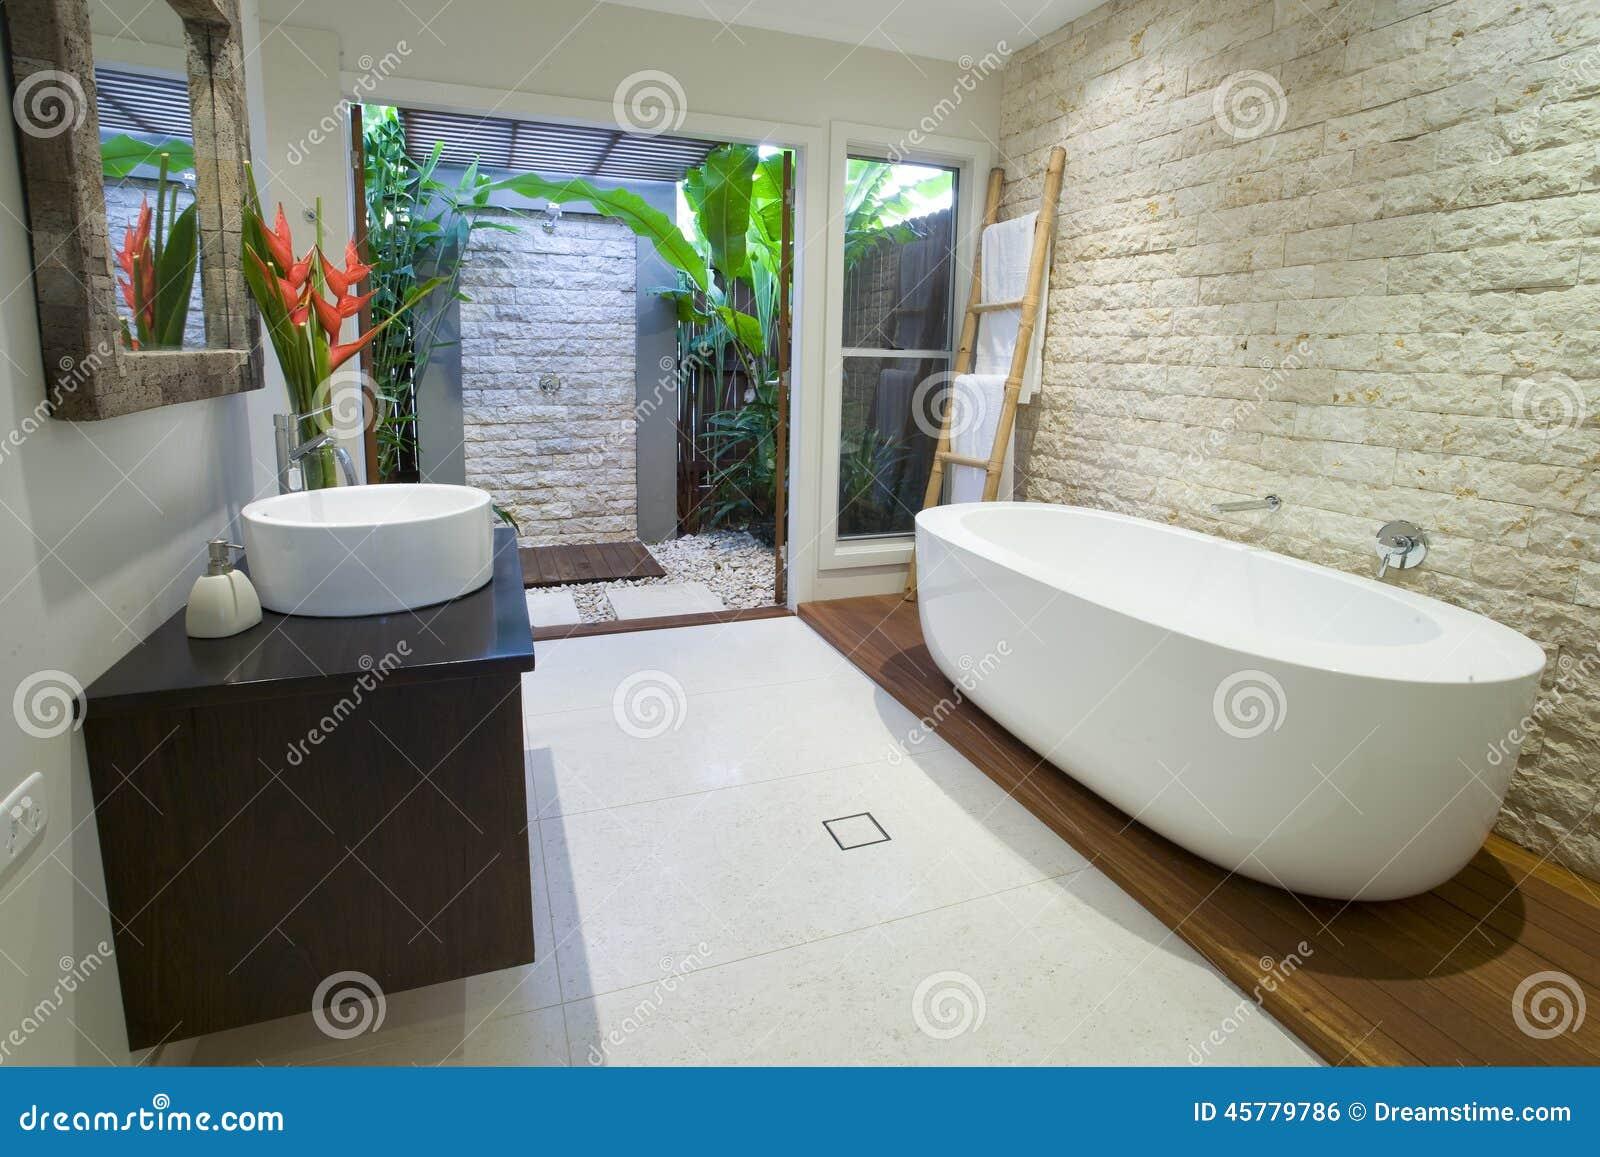 Salle De Bain Asiatique destiné salle de bains asiatique moderne avec la plate-forme de bois de